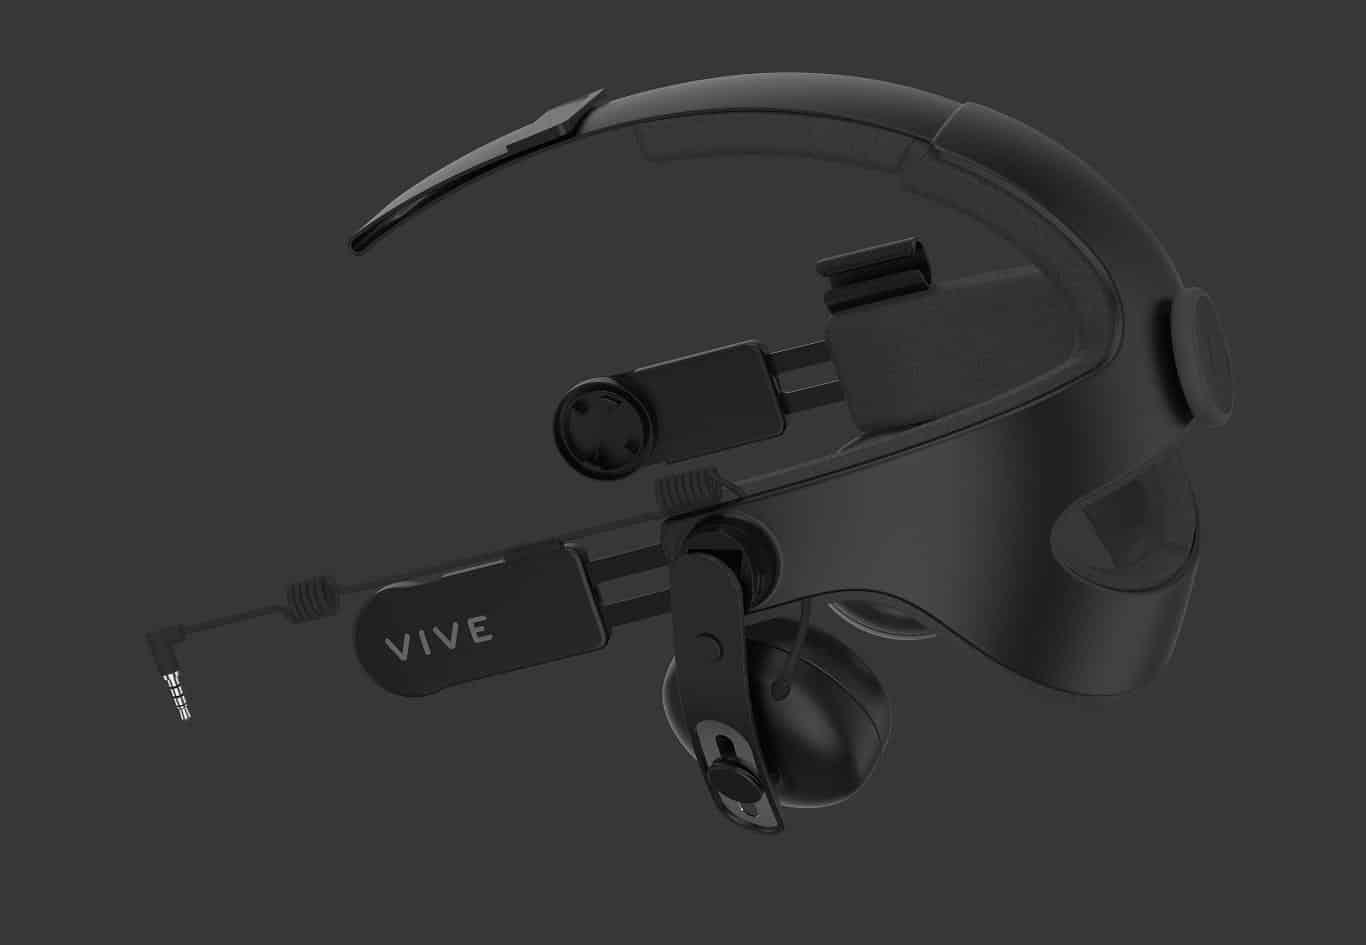 Vive Deluxe Audio Strap Solo 2